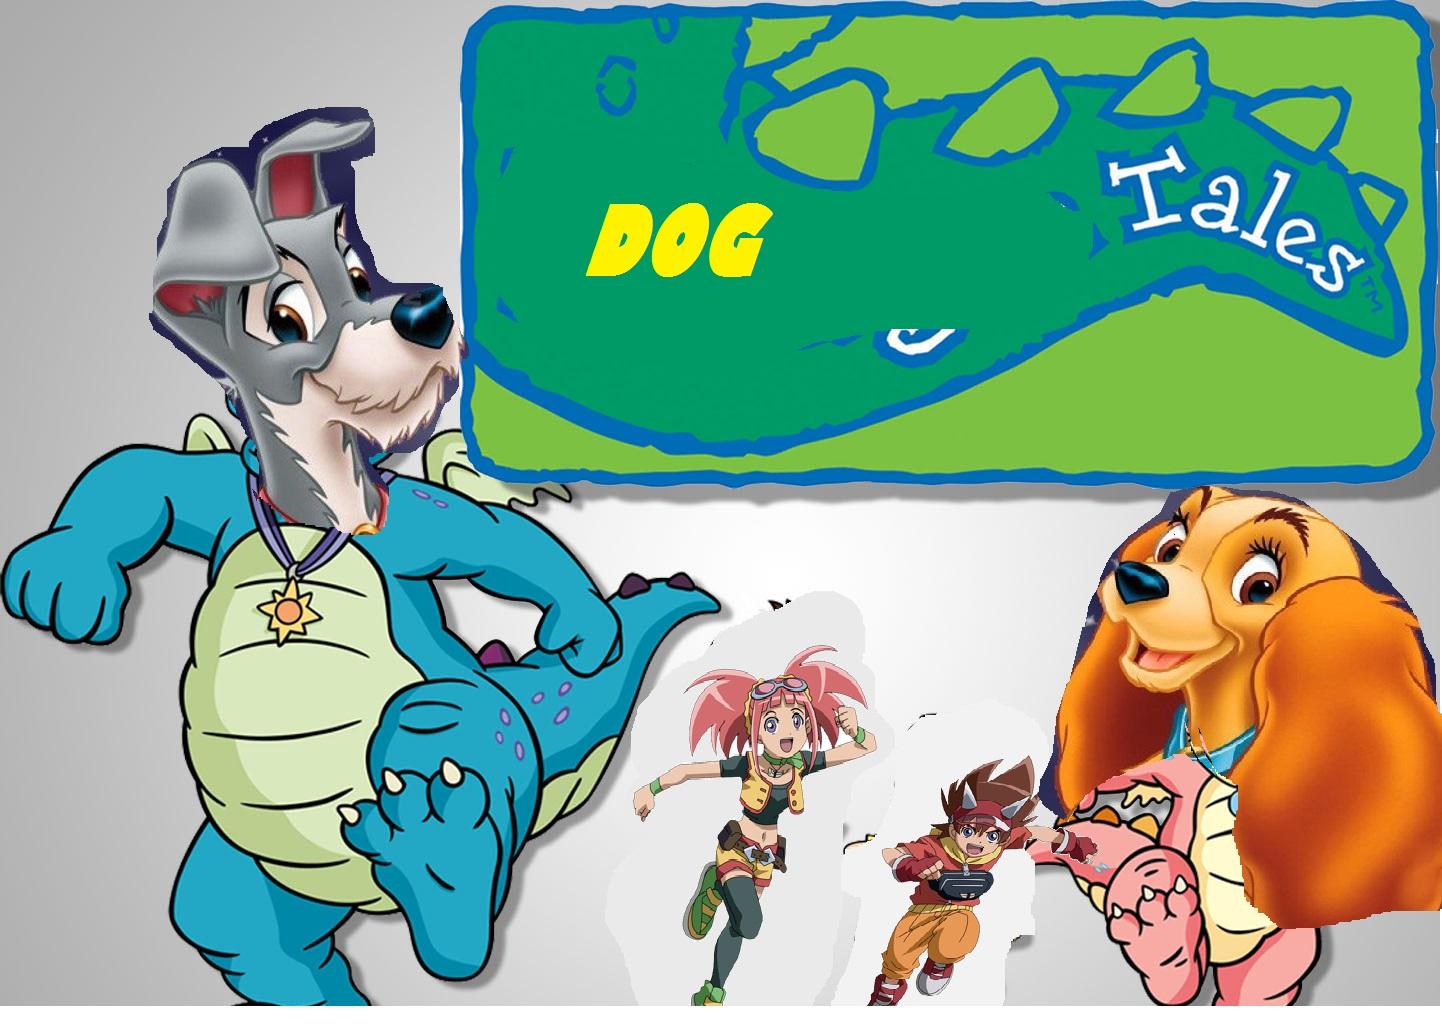 dog dragon tales parody wiki tv wikia 1999 spoof 2005 fandom